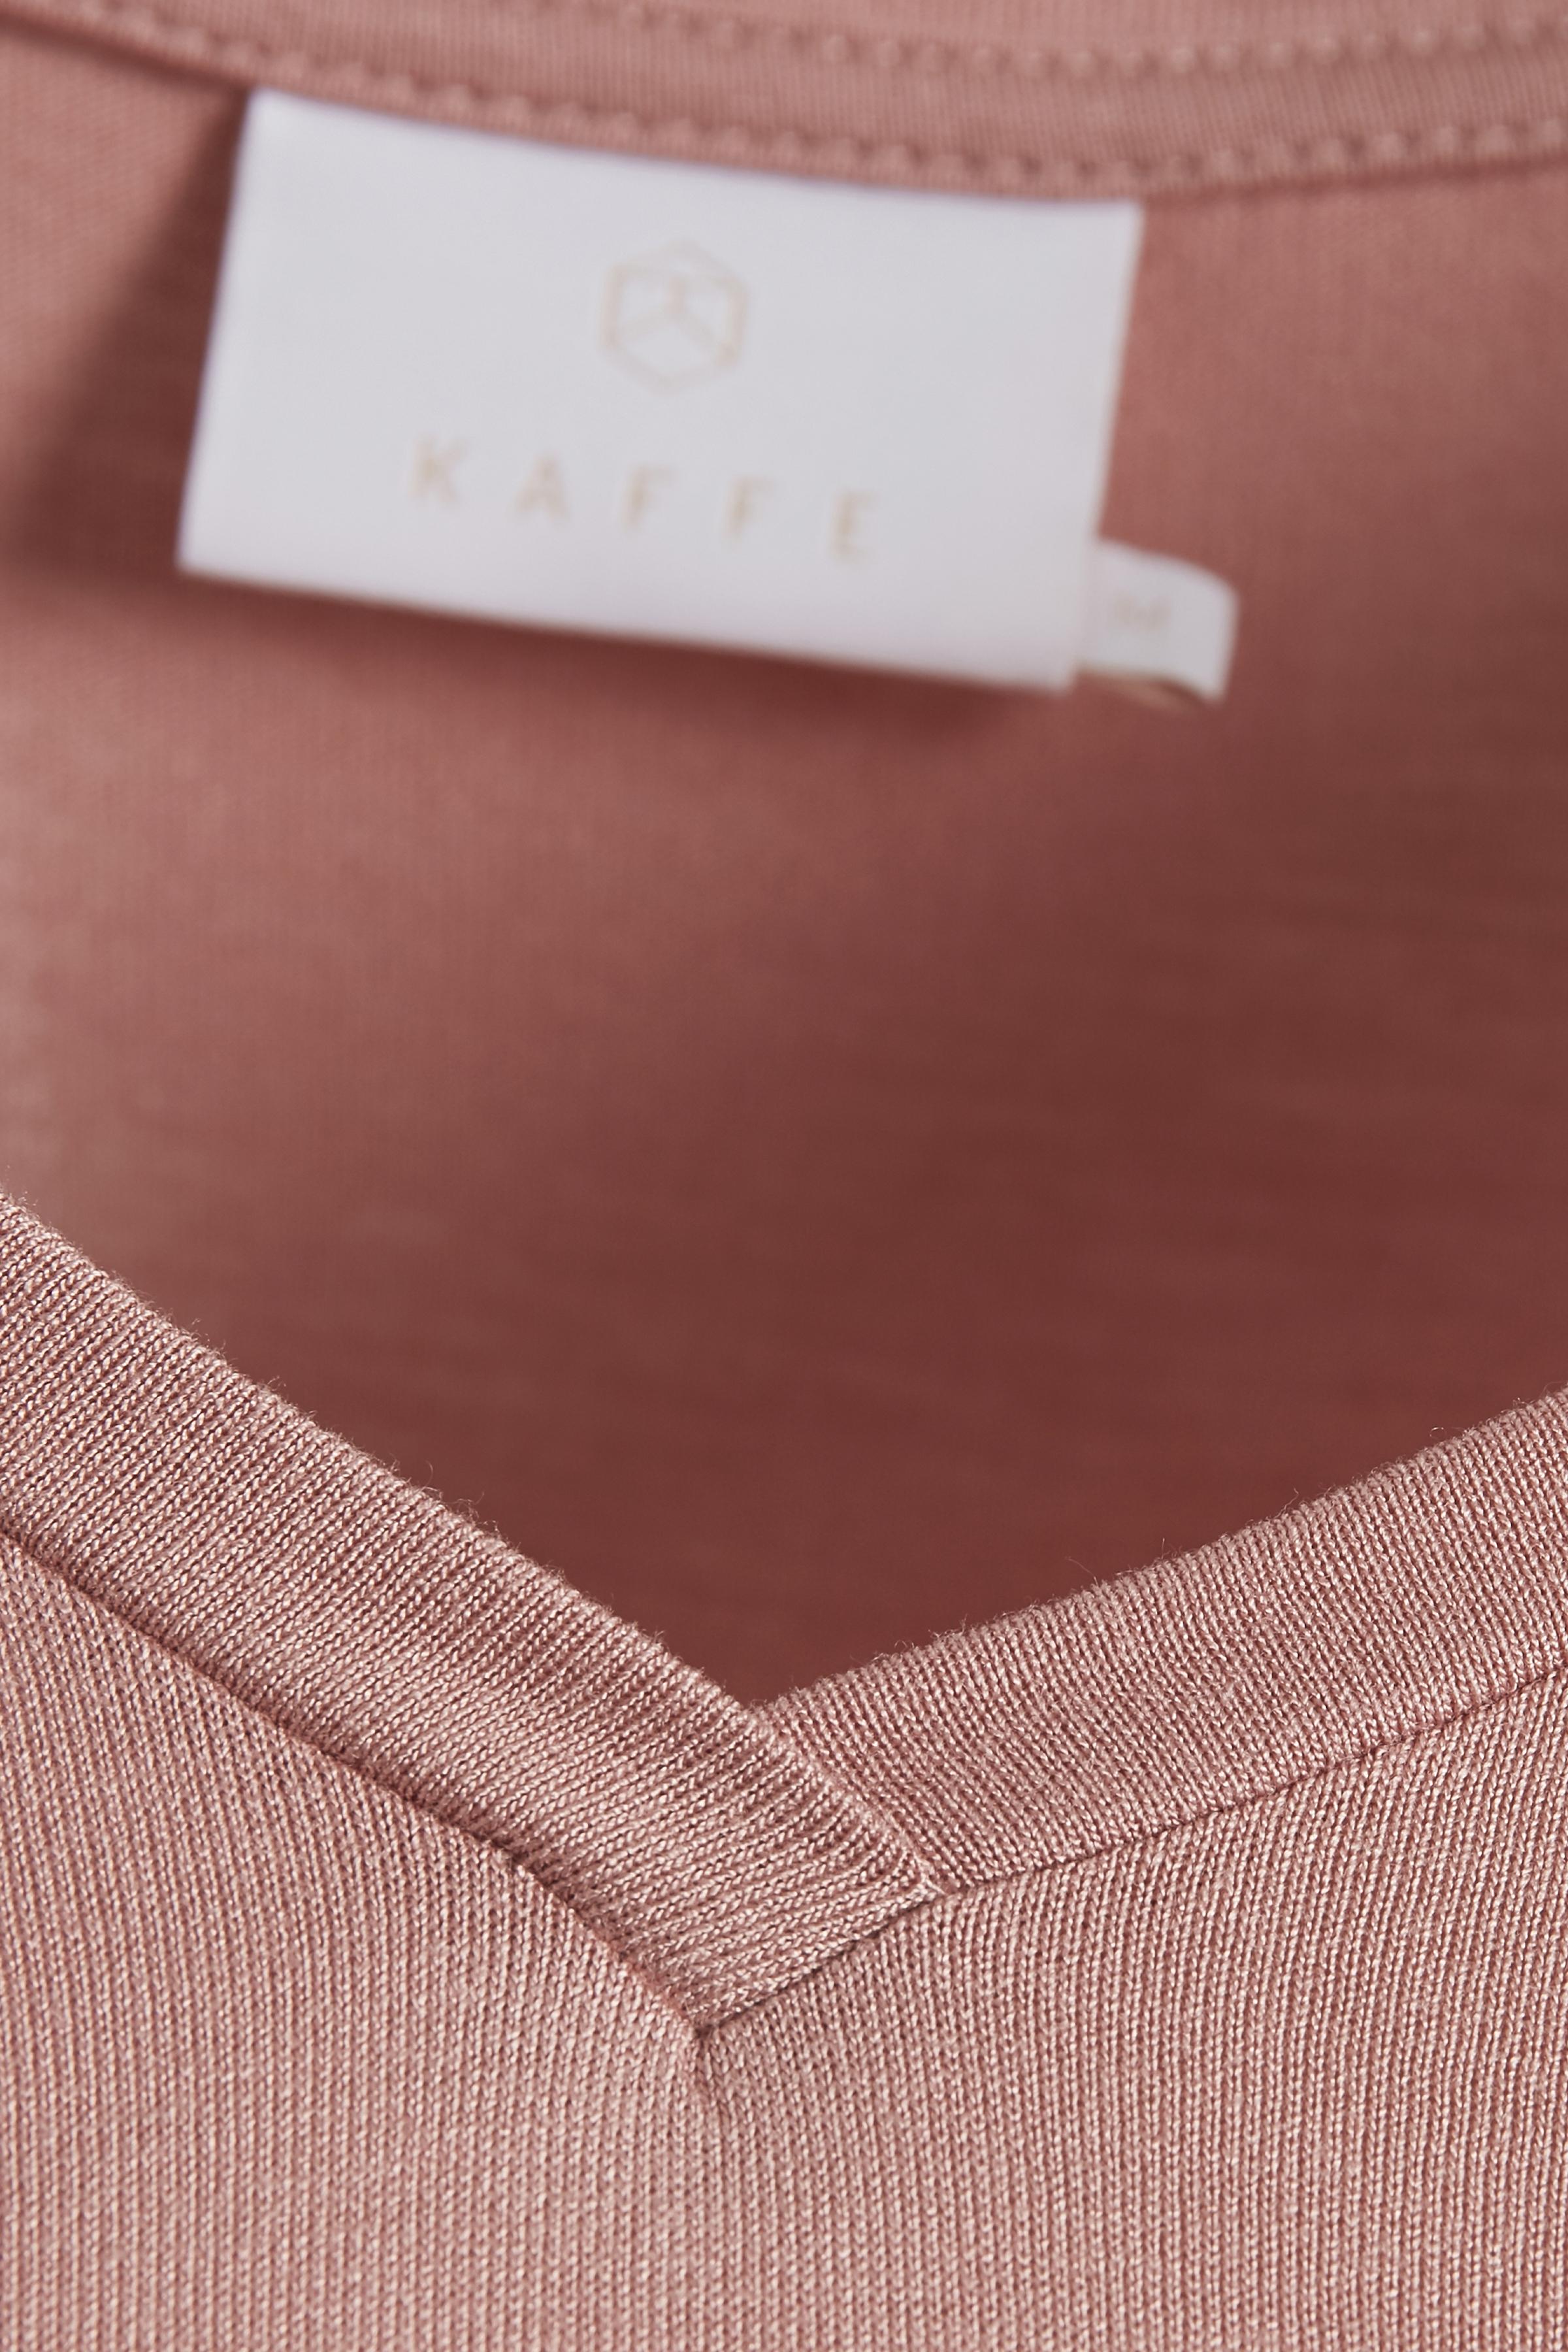 Donkerroze T-shirt korte mouw van Kaffe – Door Donkerroze T-shirt korte mouw van maat. XS-XXL hier